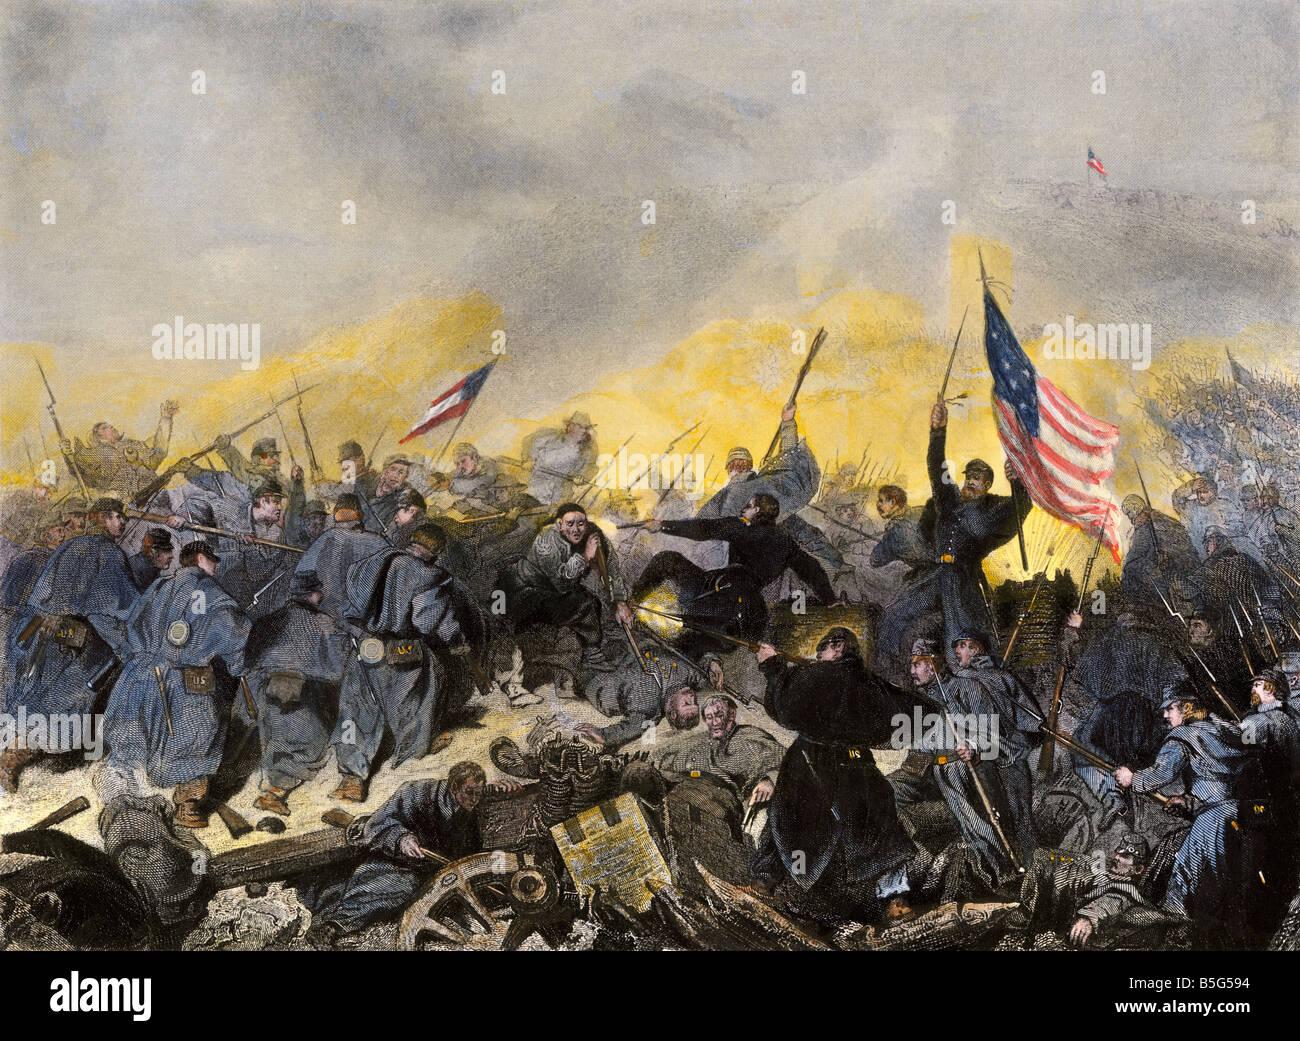 Captura de Fort Donelson Tennessee por fuerzas de la Unión en general S. Grant 1862. Mano de color acero grabado Foto de stock